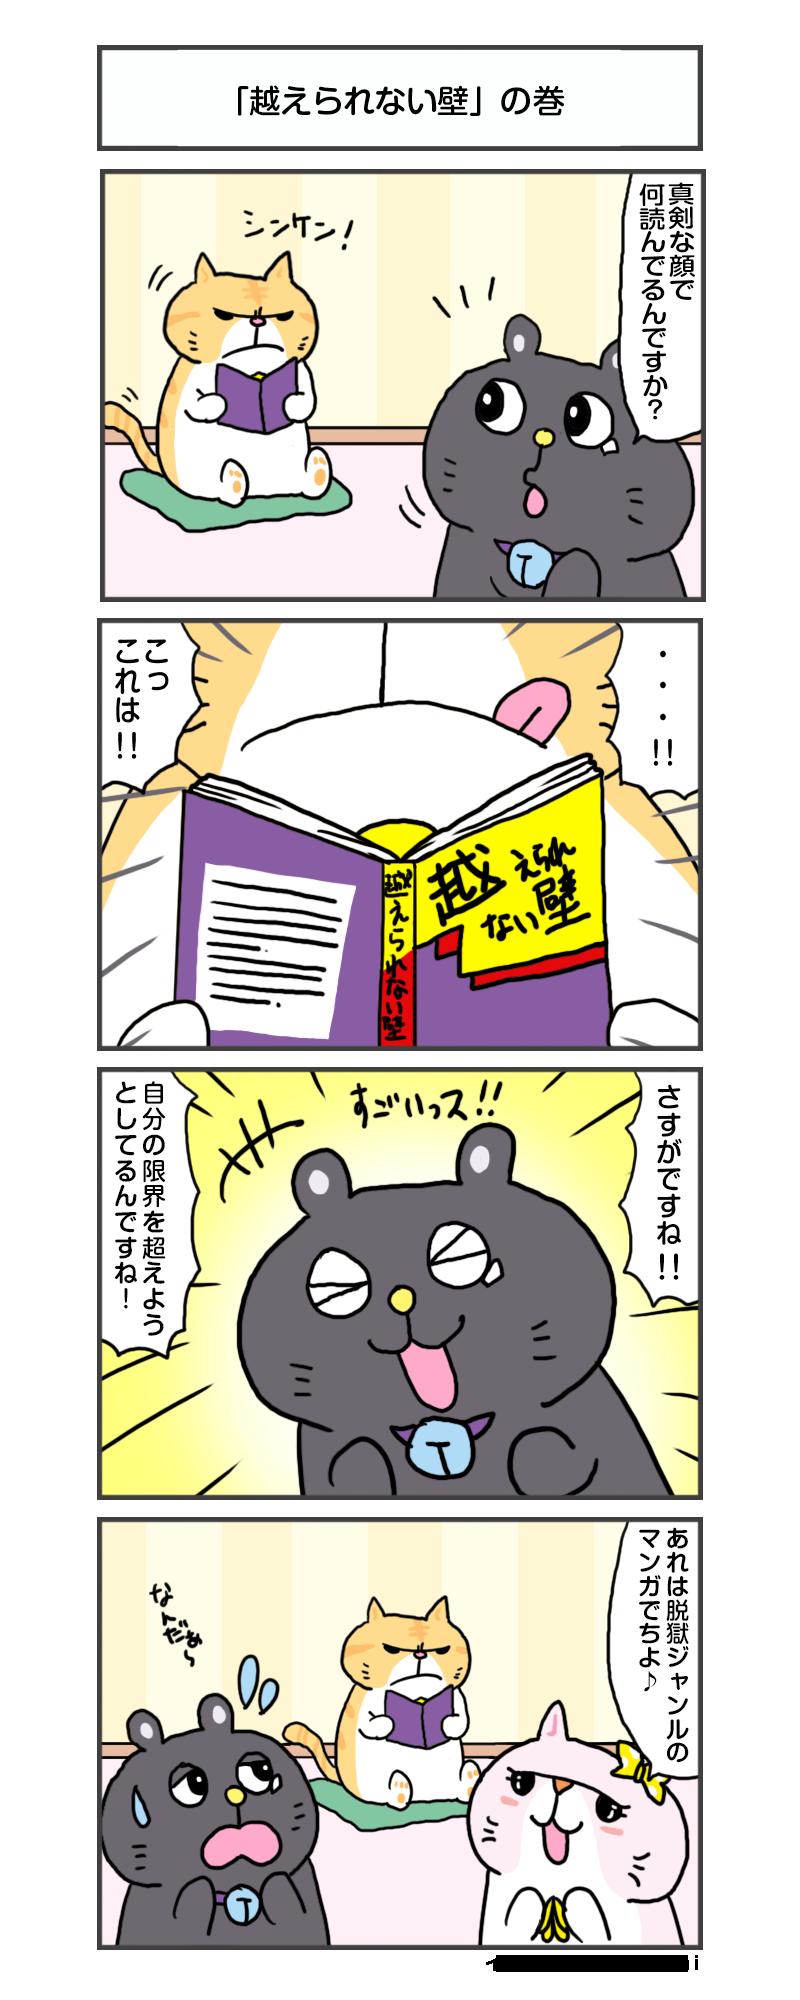 えきぞうmanga_vol.266